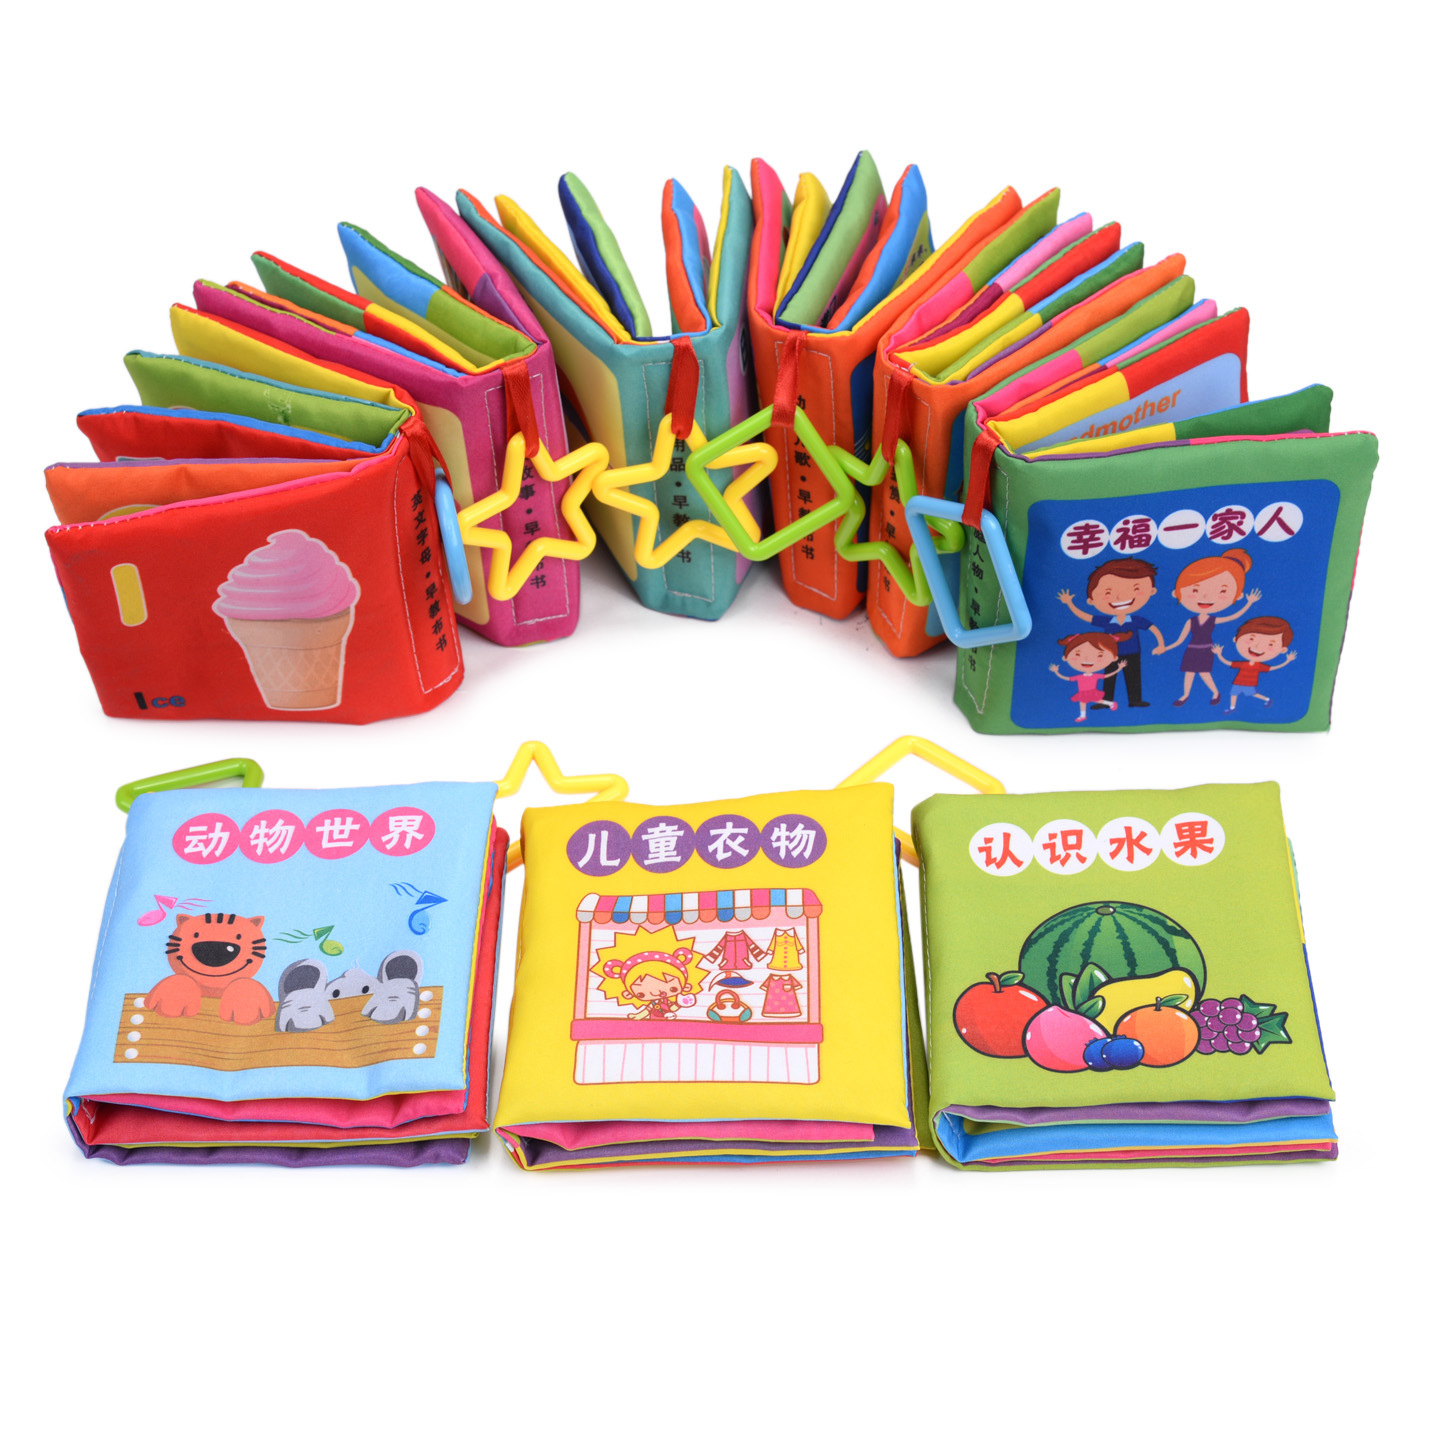 6-18个月撕不坏的宝宝书早教撕不烂布婴幼儿读物0-3启蒙婴儿布书